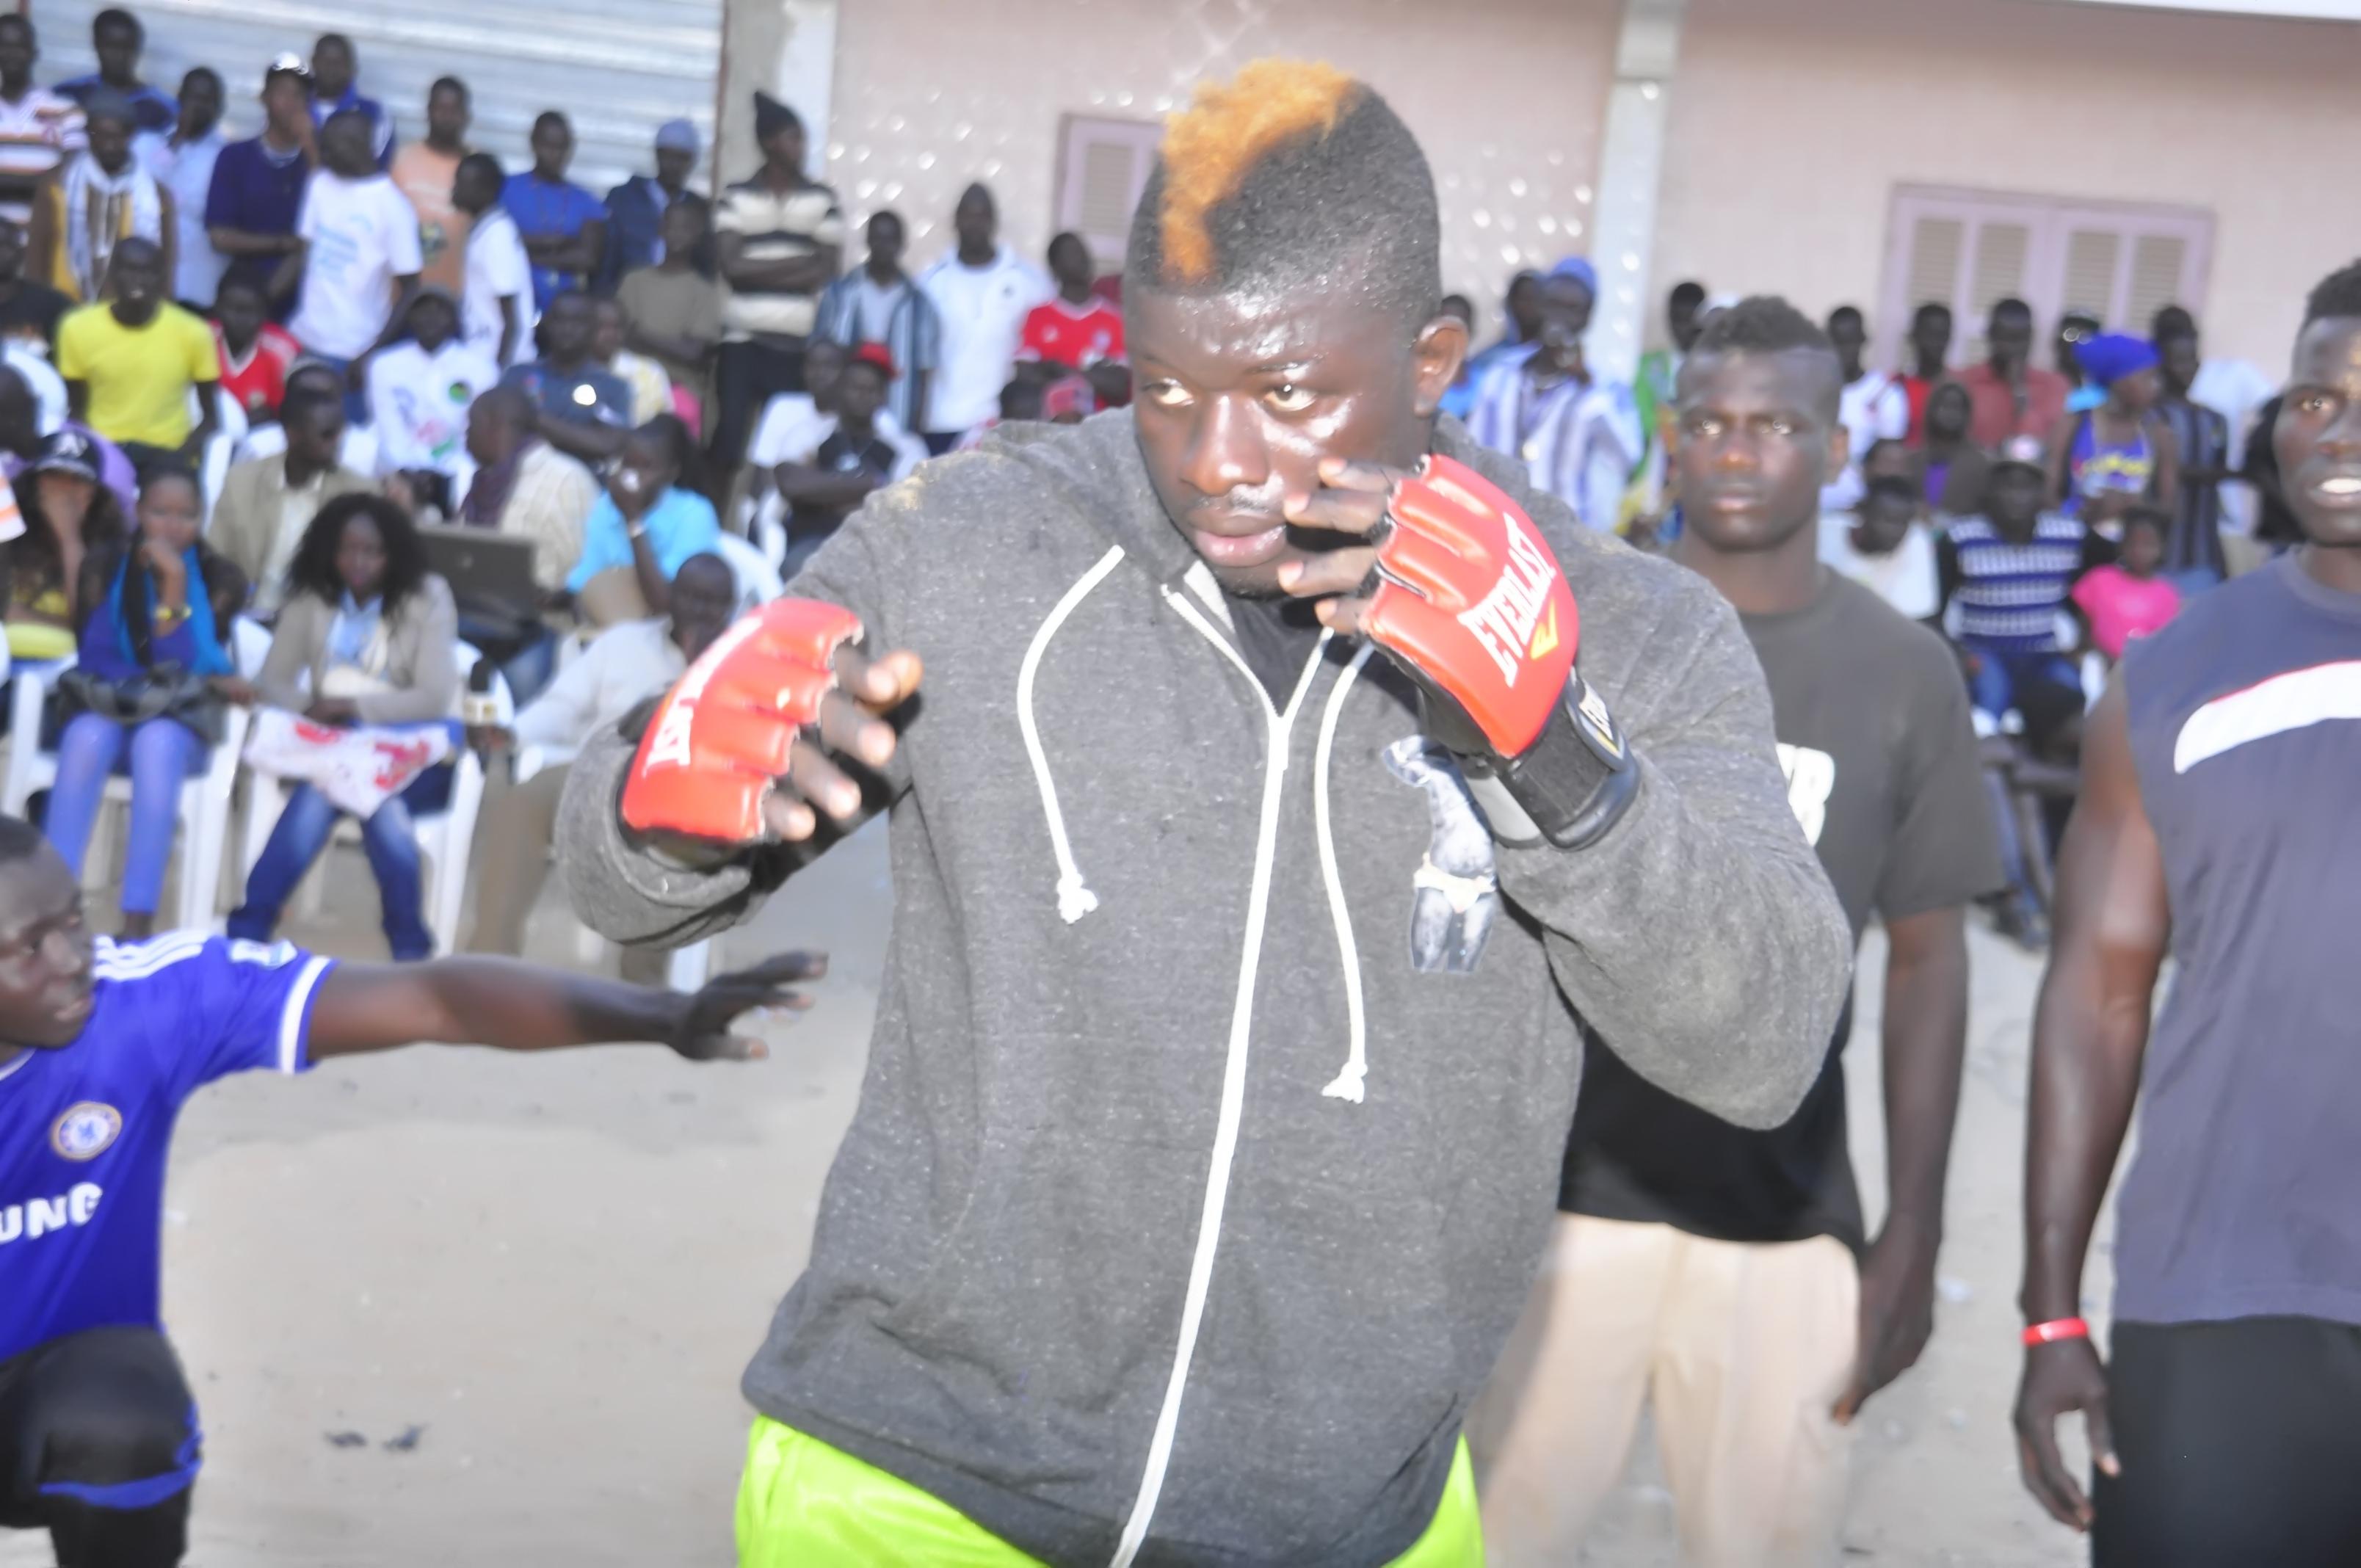 Lutte s n gal zoss gouye gui enfin les comptes sold s for Interieur sport lutte senegalaise